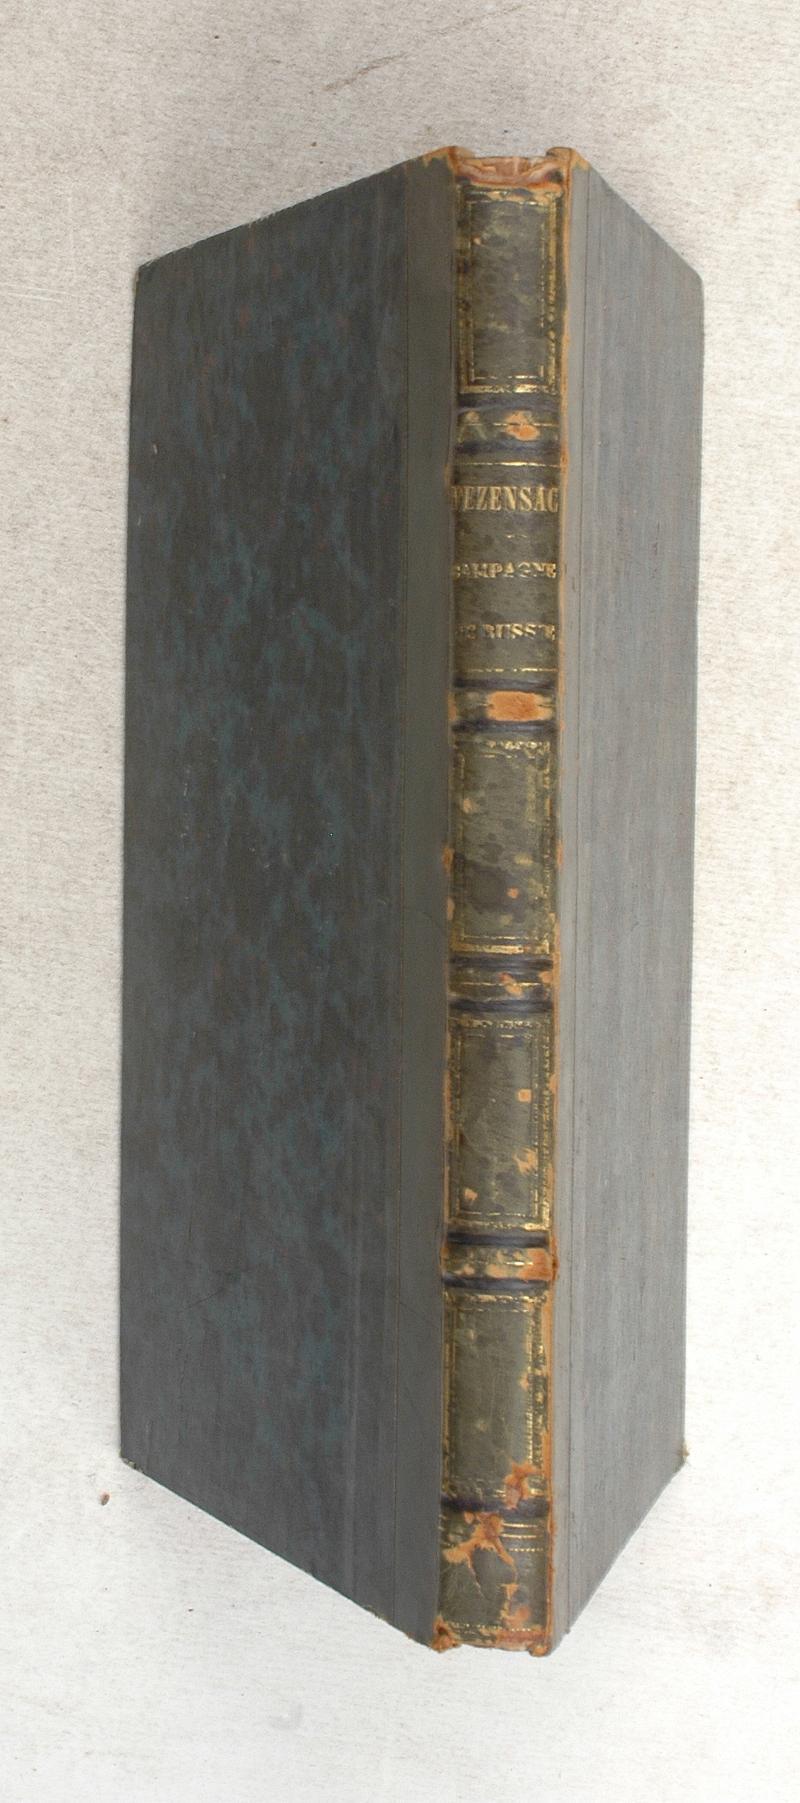 Journal de la campagne de Russie en 1812 - Général duc de Fezensac